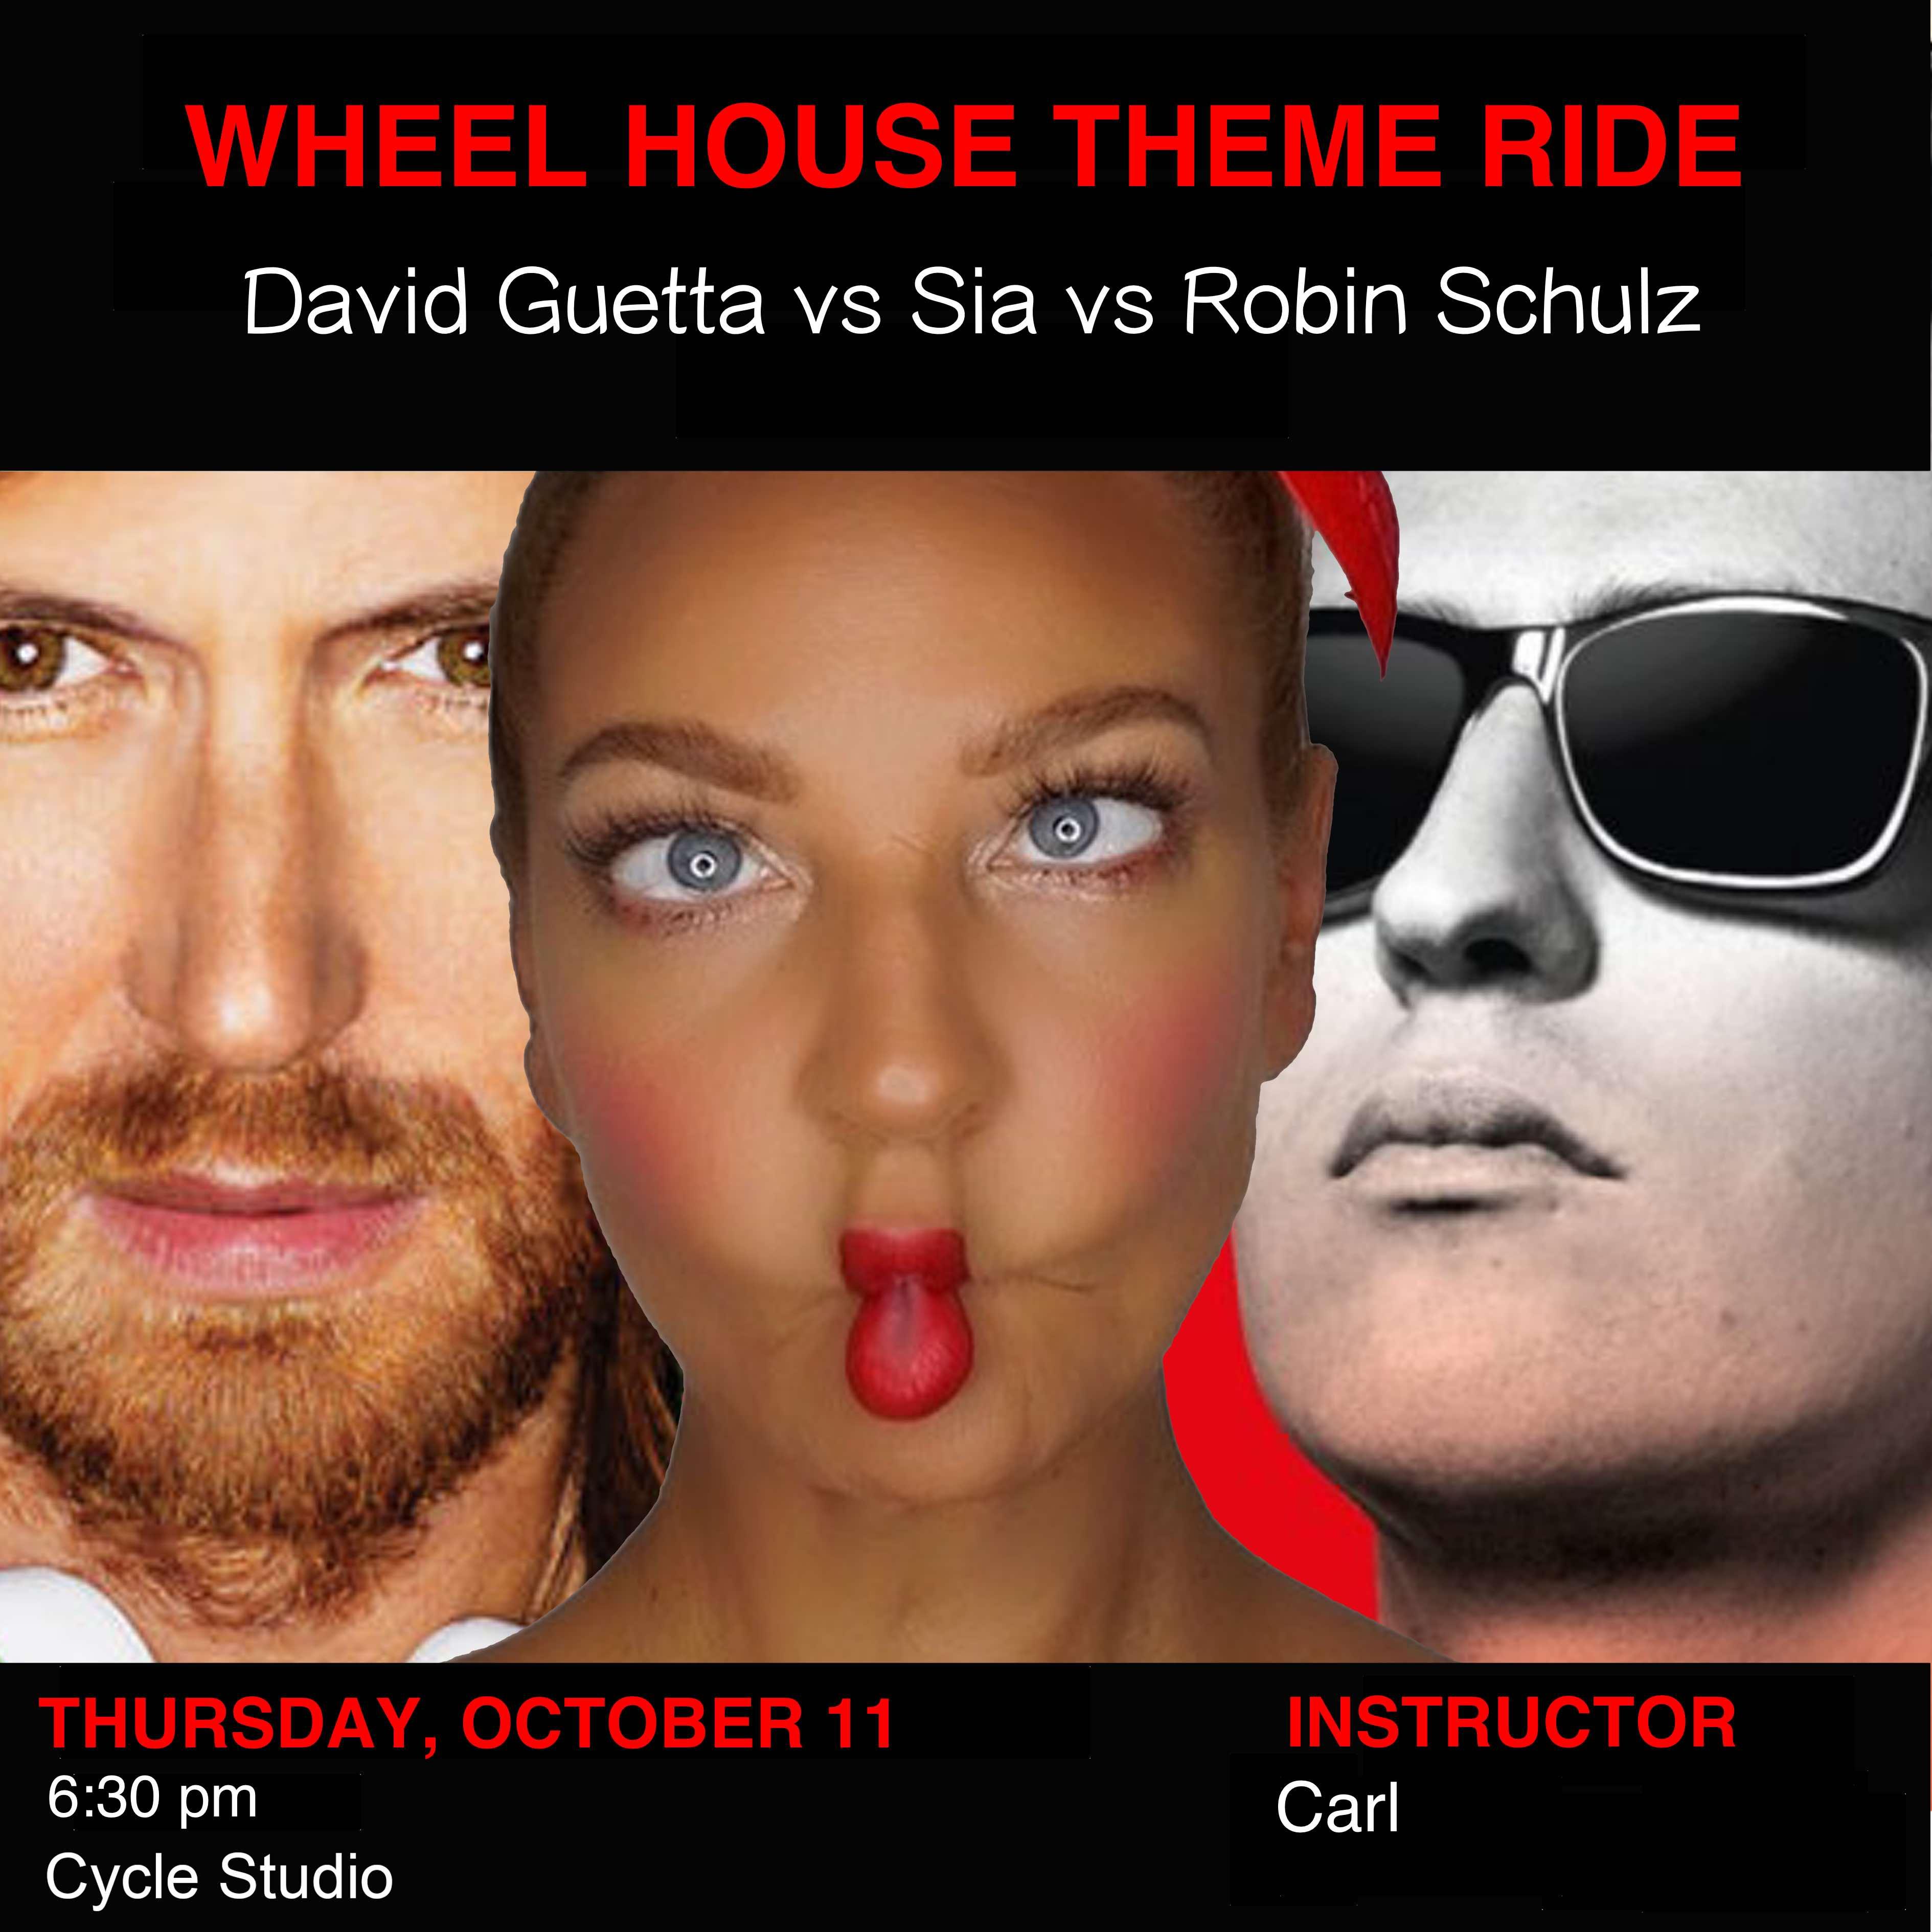 David Guetta vs Sia vs Robin Schulz